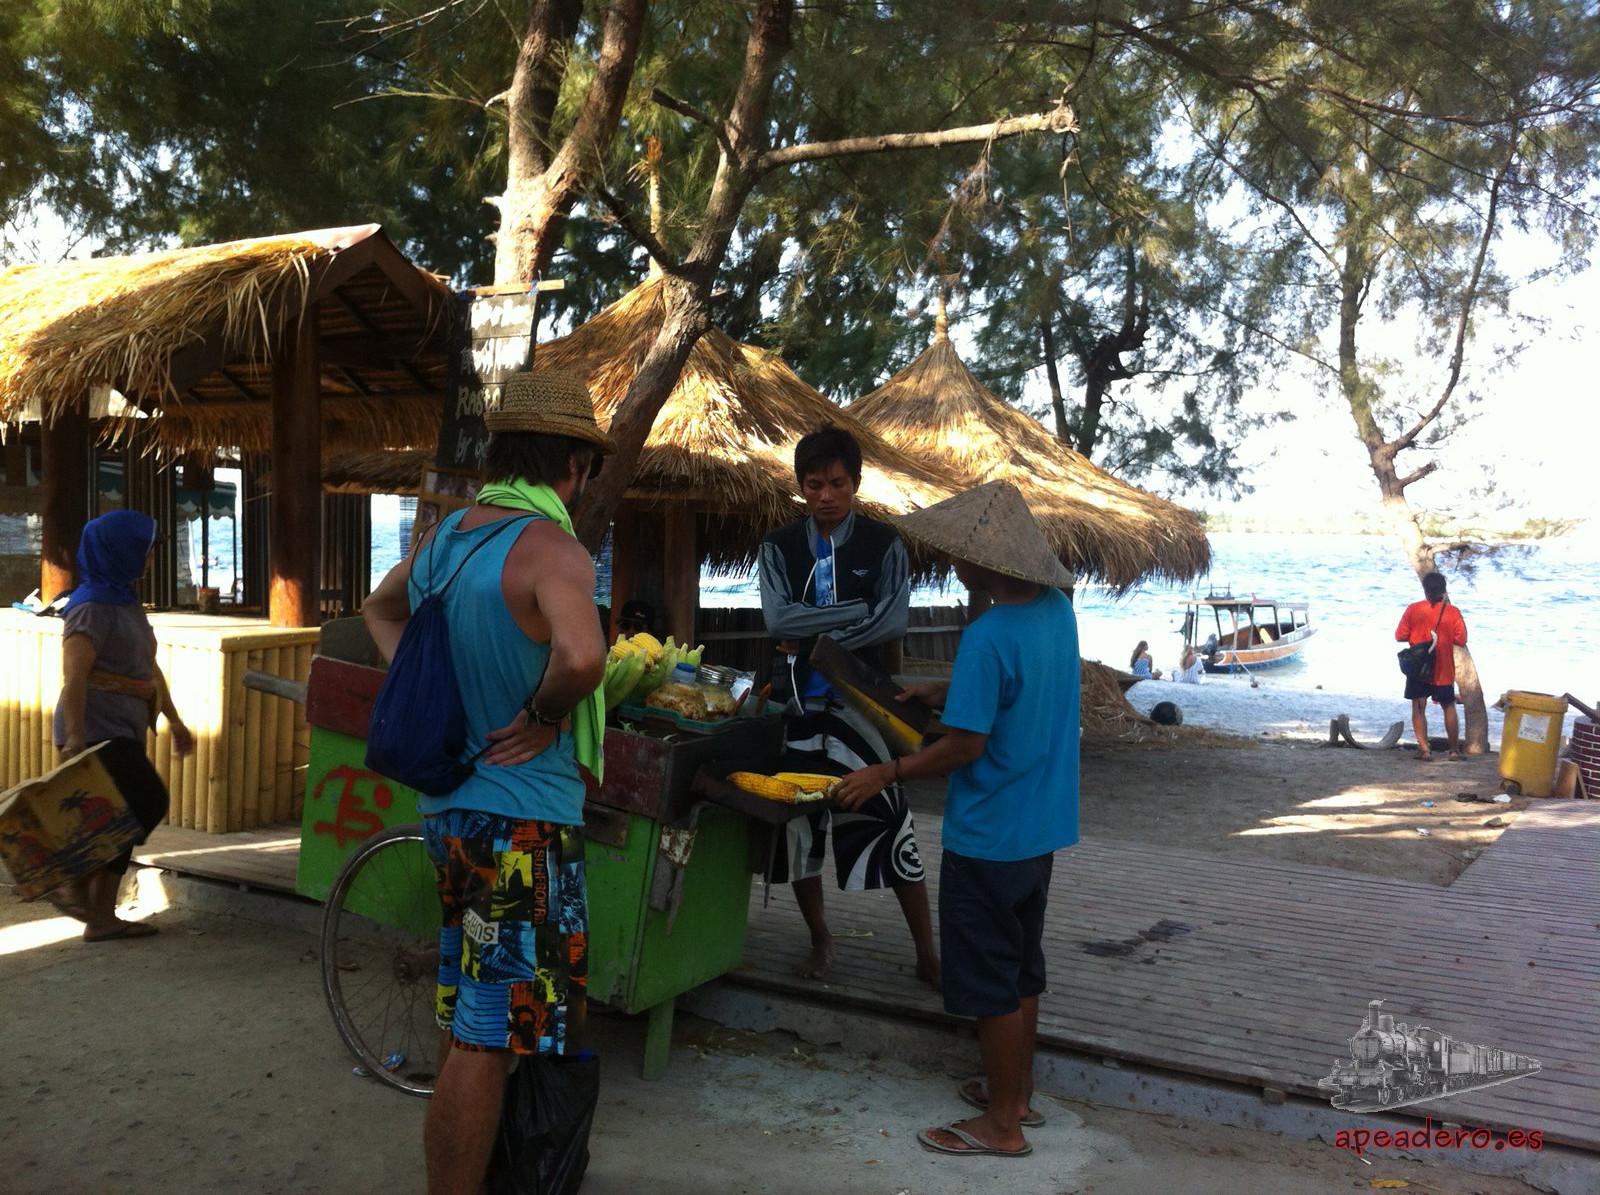 El ambiente diurno de 'la Gili de la fiesta' lo resume esta imagen: gente tranquilamente disfrutando de la playa, señores vendiendo sus productos, algunos turistas y viajeros...